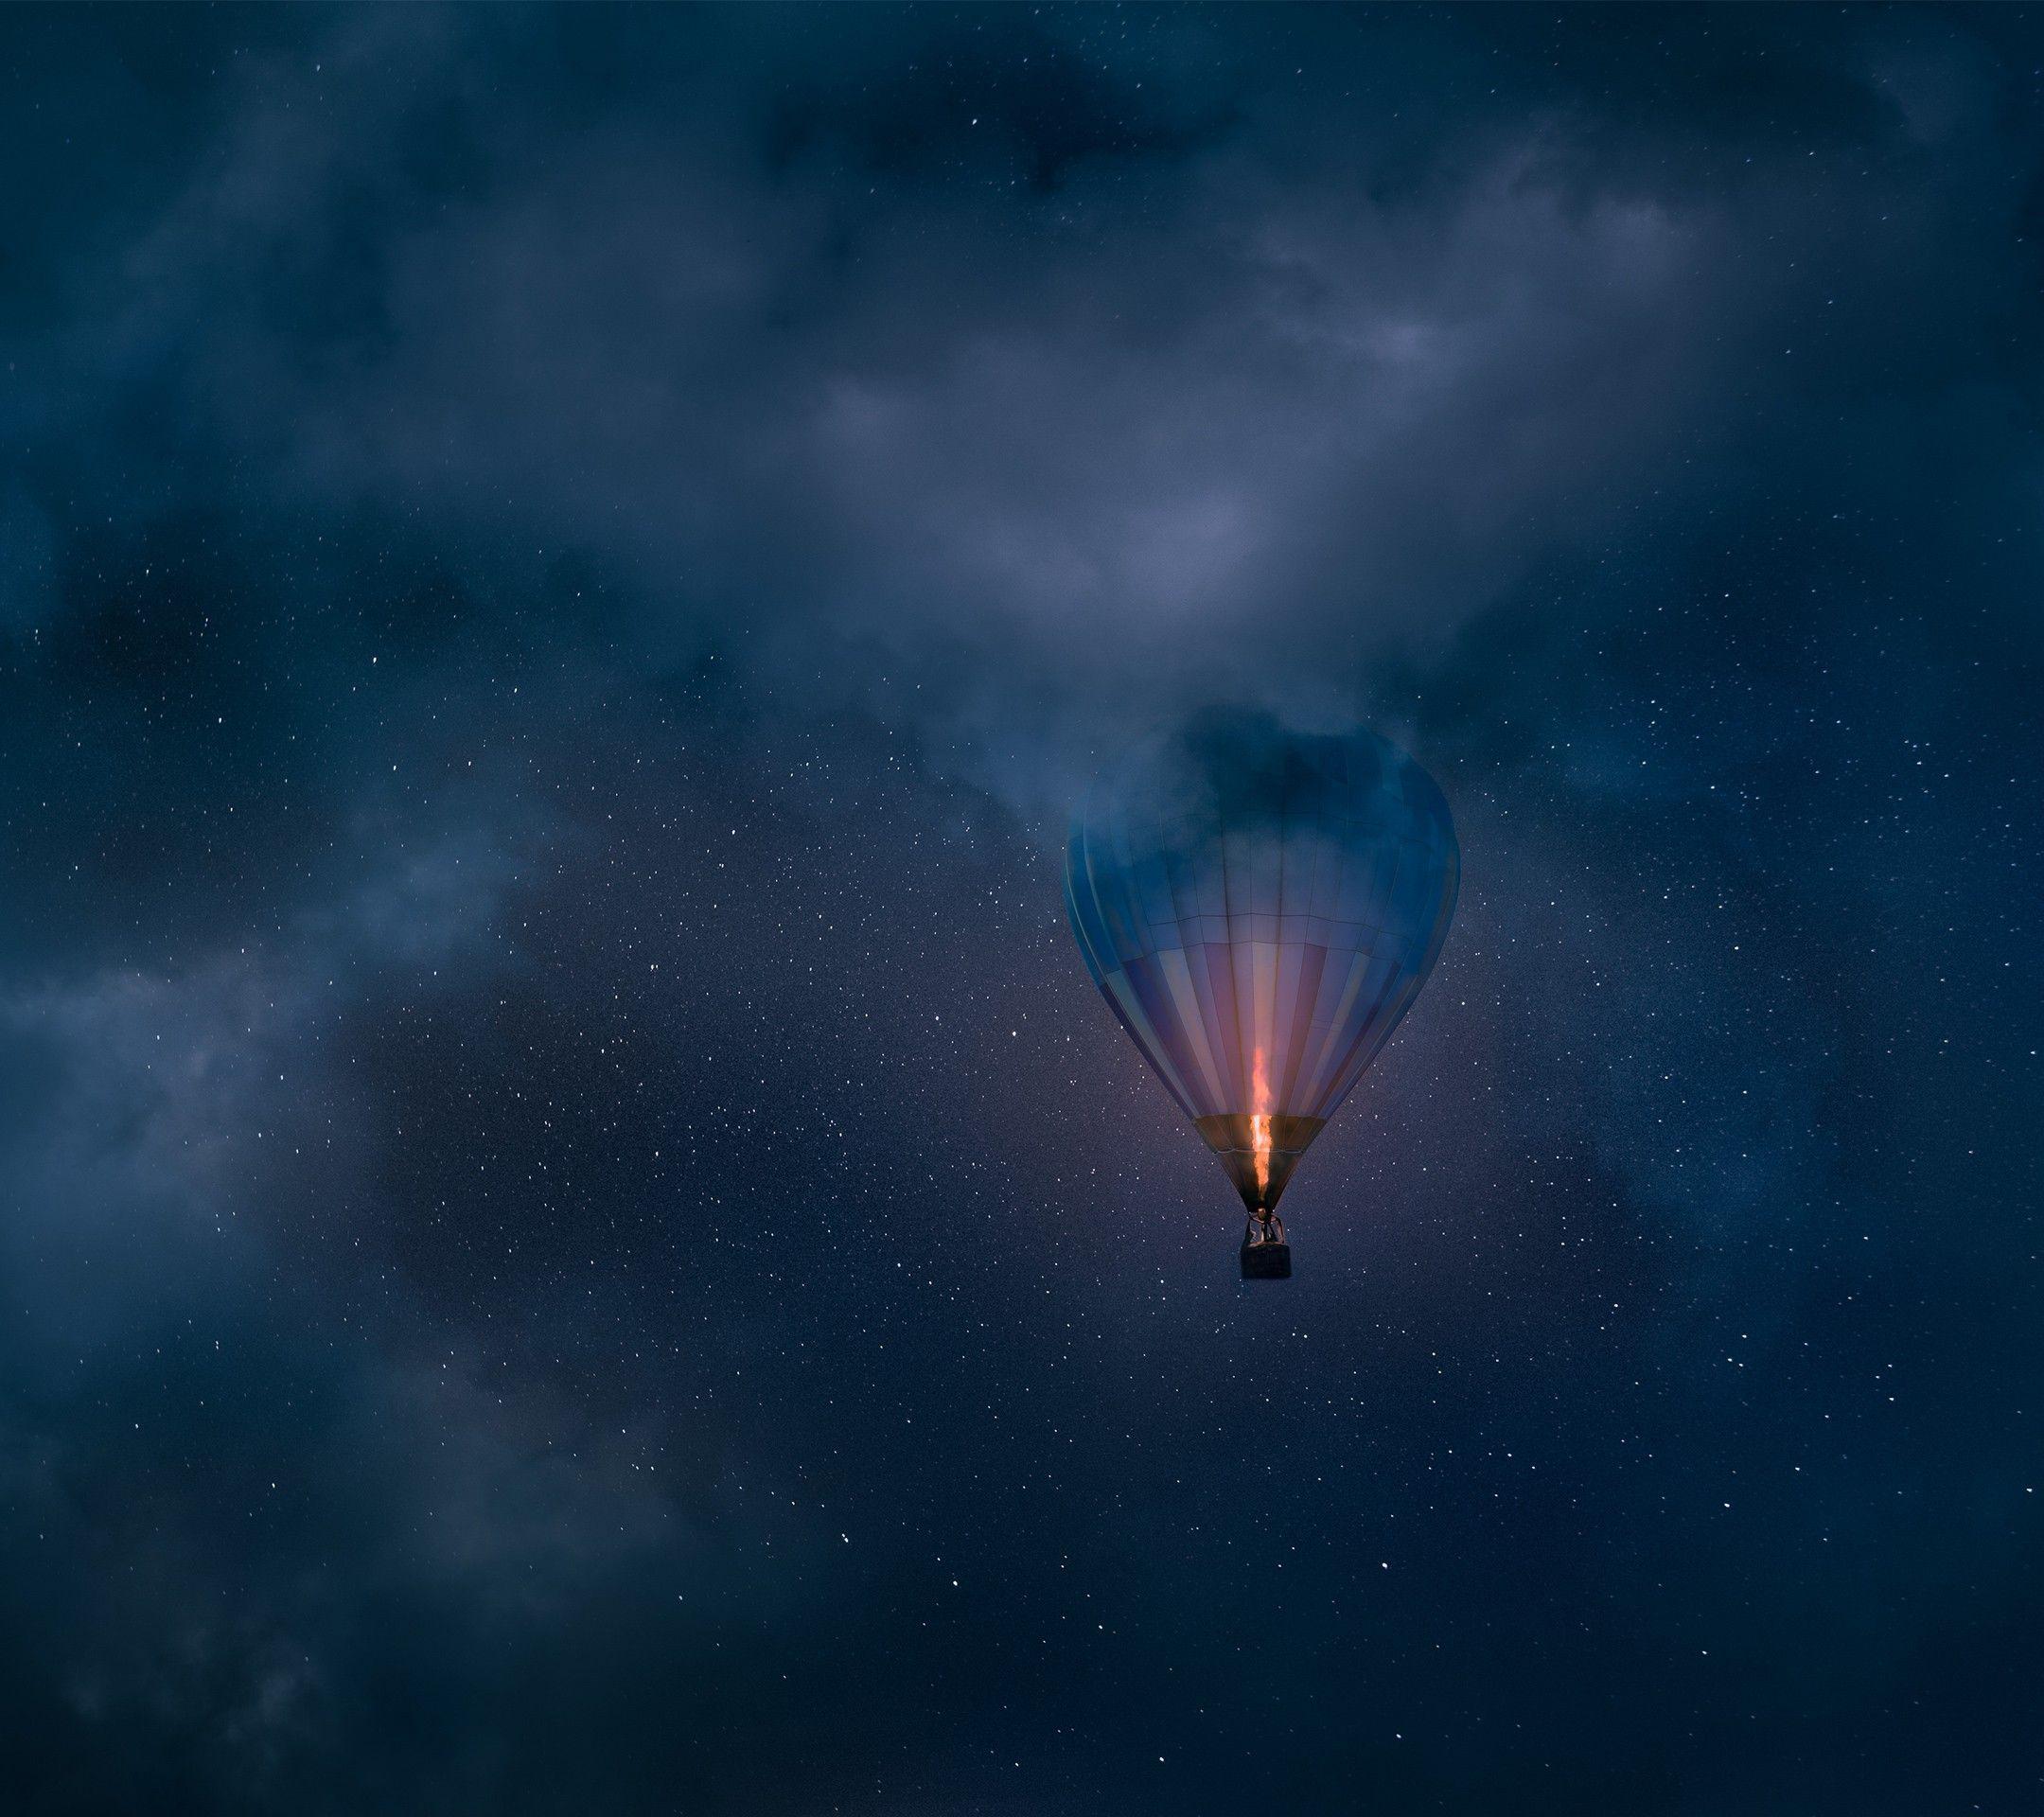 Nokia Hot Air Balloon 2160x1920 Wallpaper Teahub Io